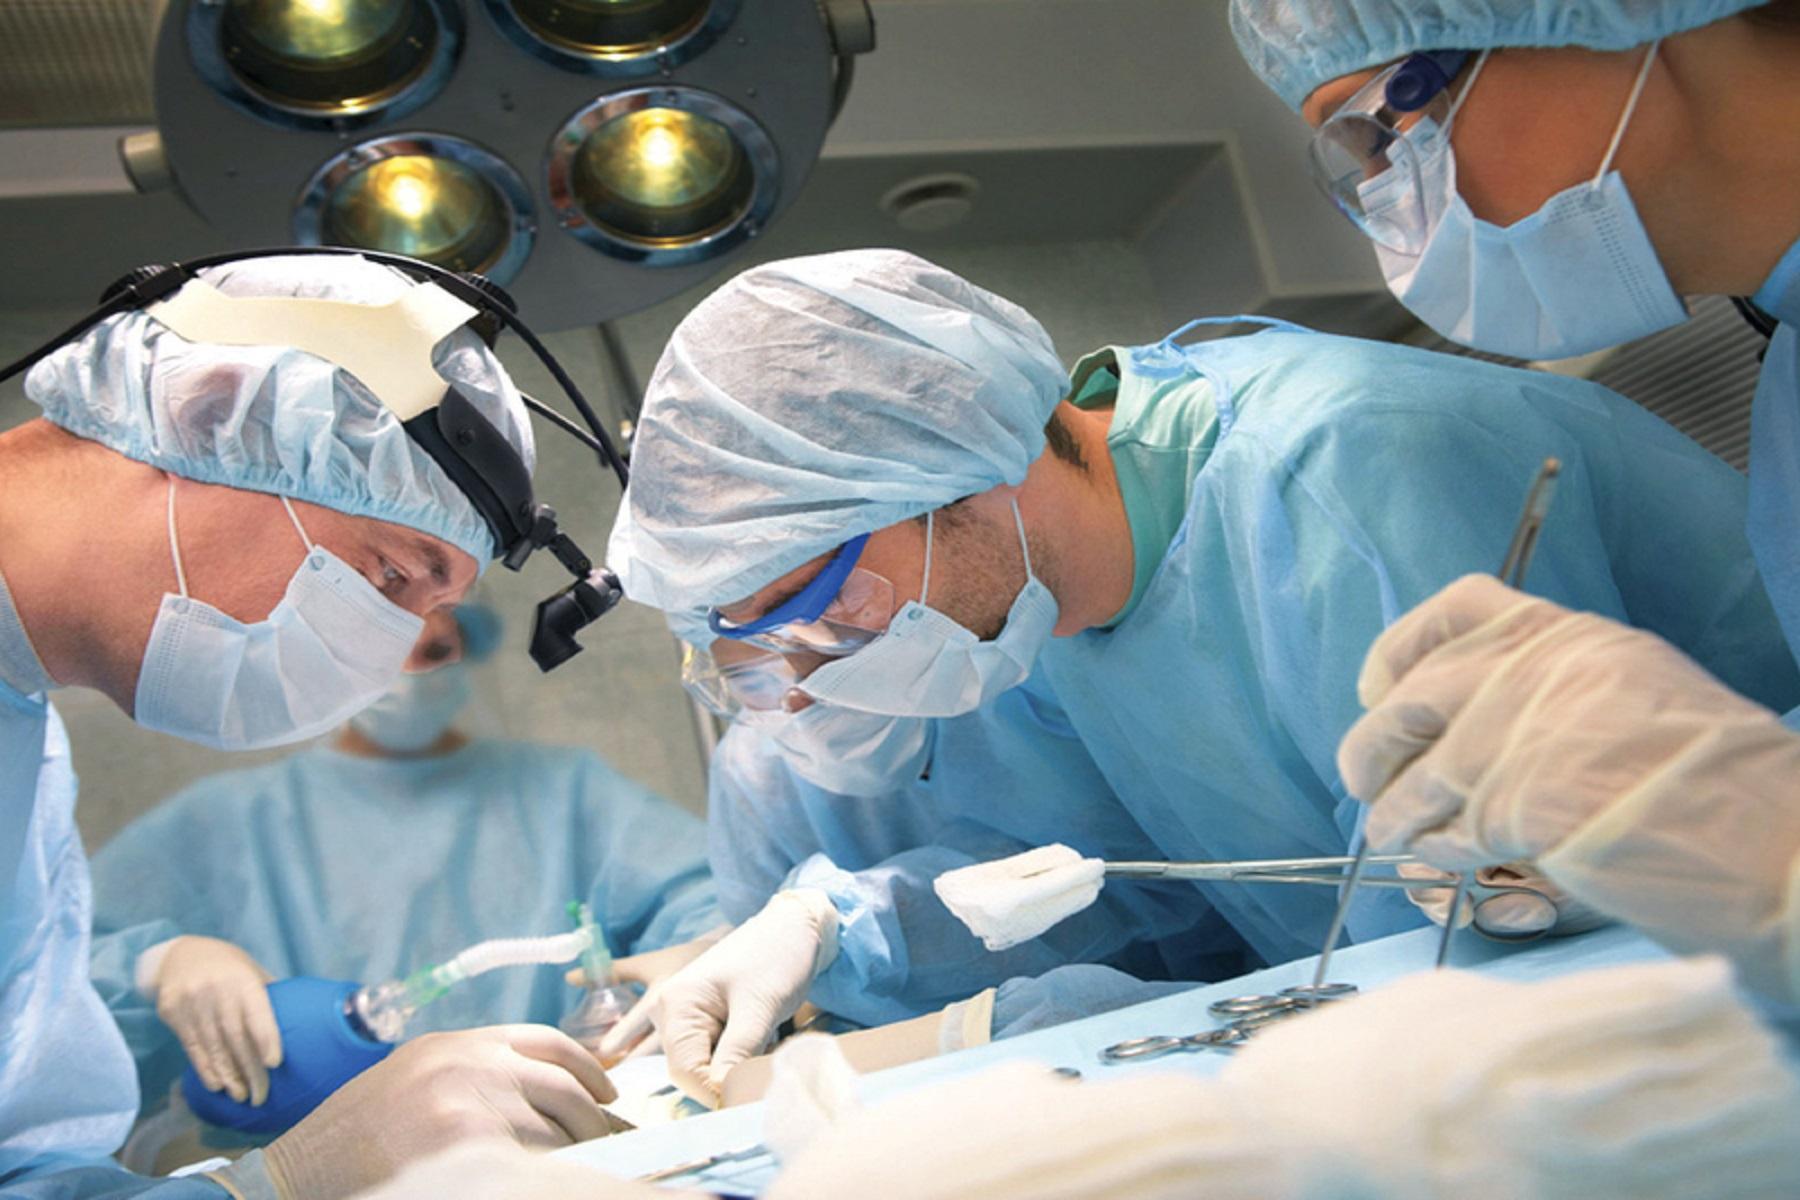 Νέα Αγγλία ΗΠΑ: Η έλλειψη αίματος αναγκάζει την καθυστέρηση των χειρουργικών επεμβάσεων